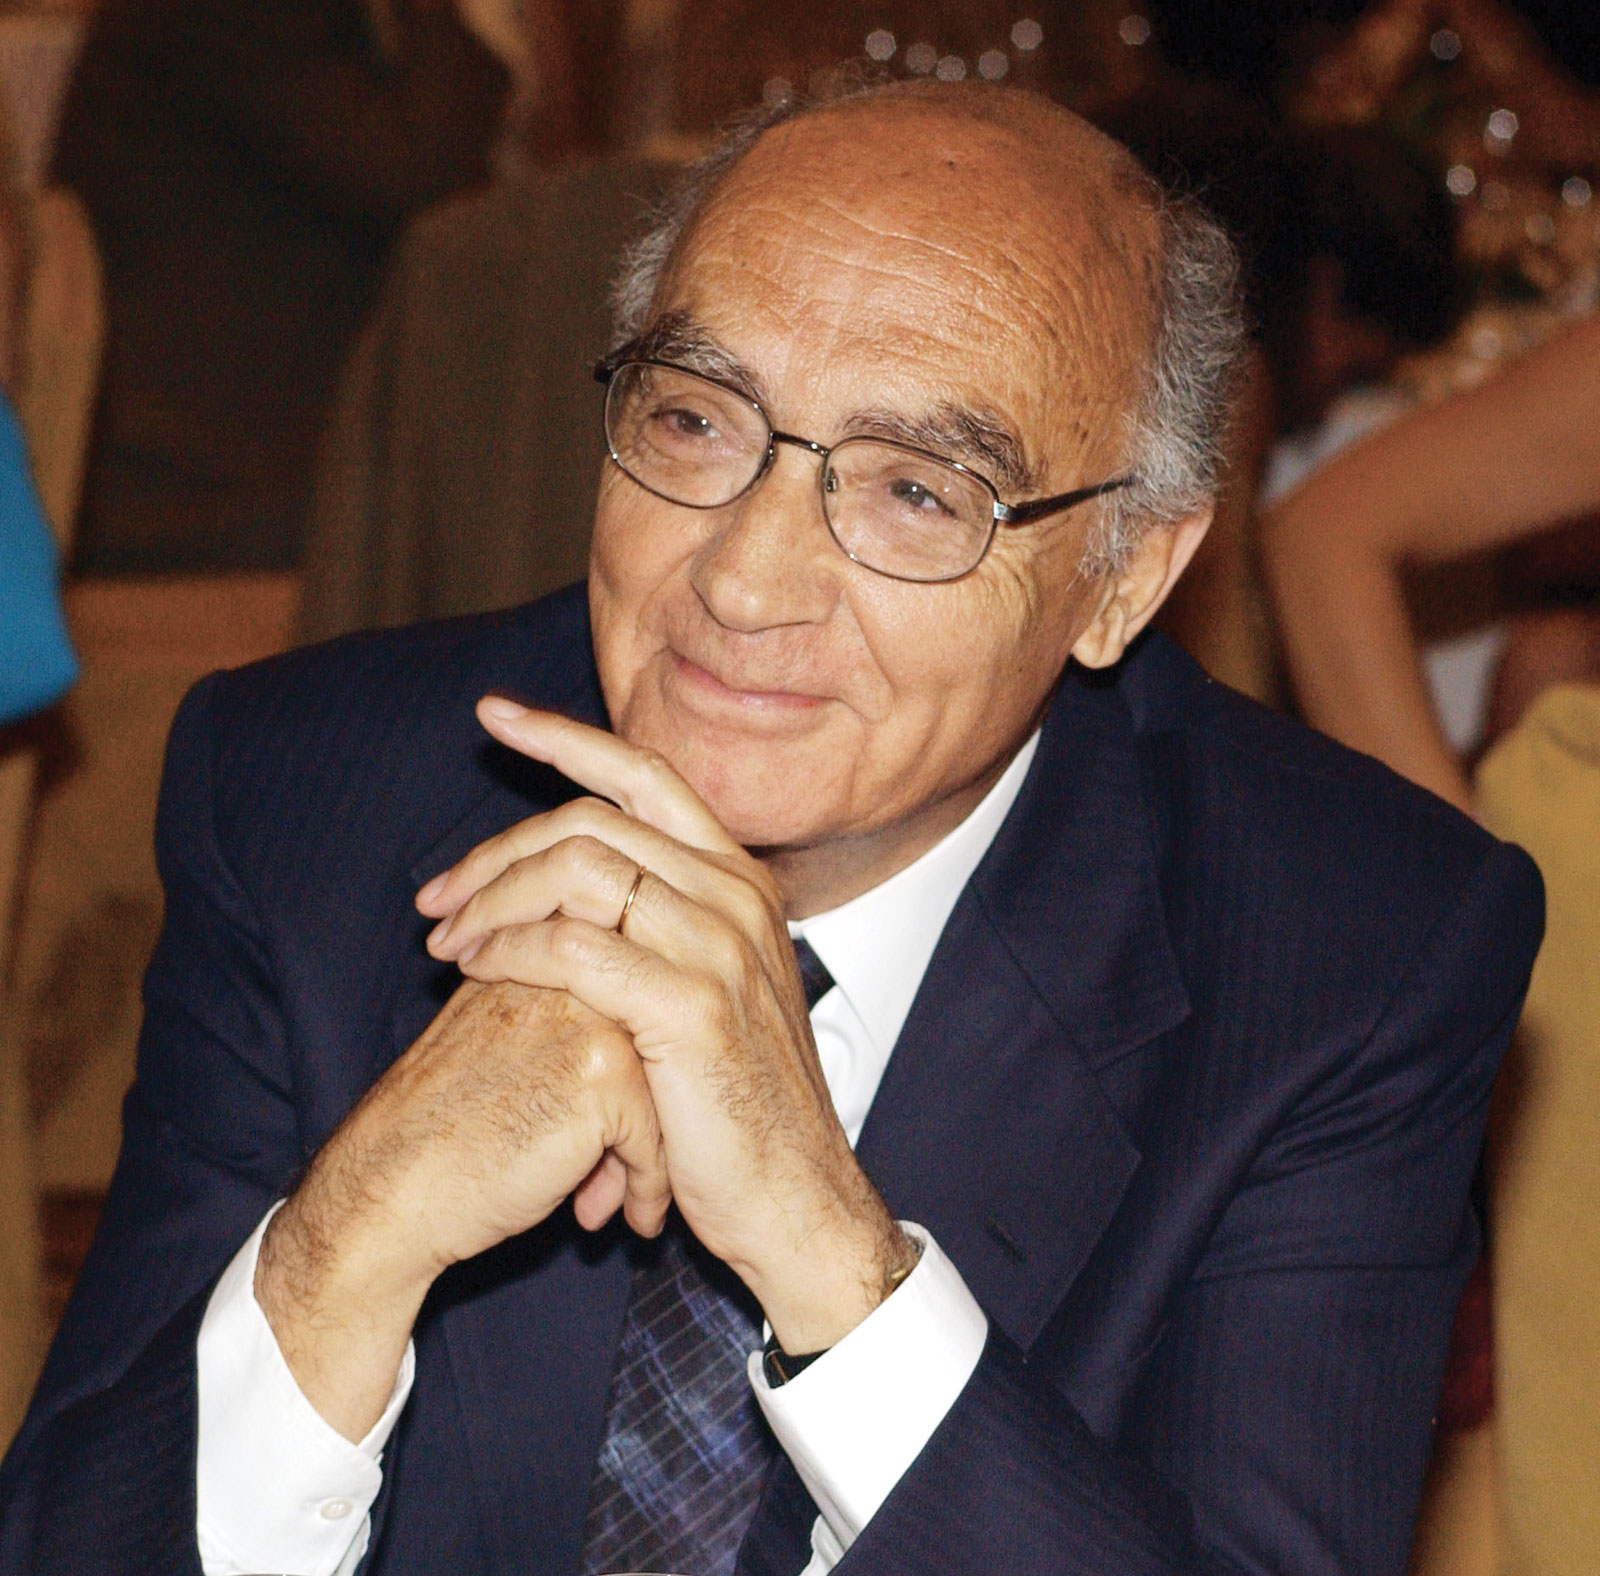 ژوزه ساراماگۆ 1922 - 2010